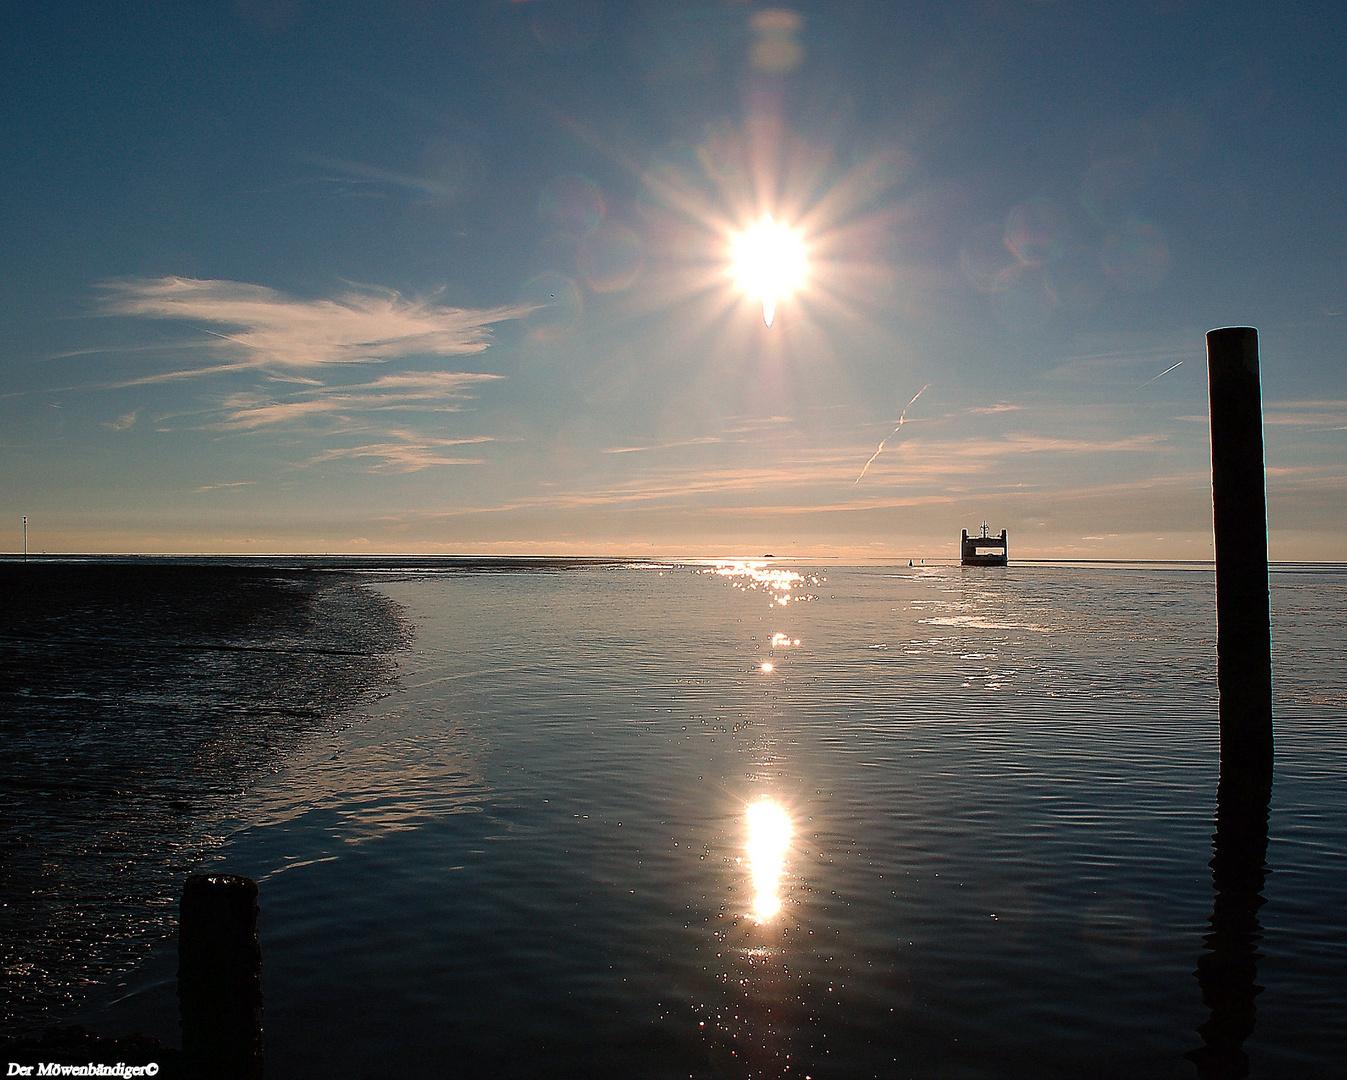 I follow the sun und Euch allen ein sonniges Vorostern - Wochenende